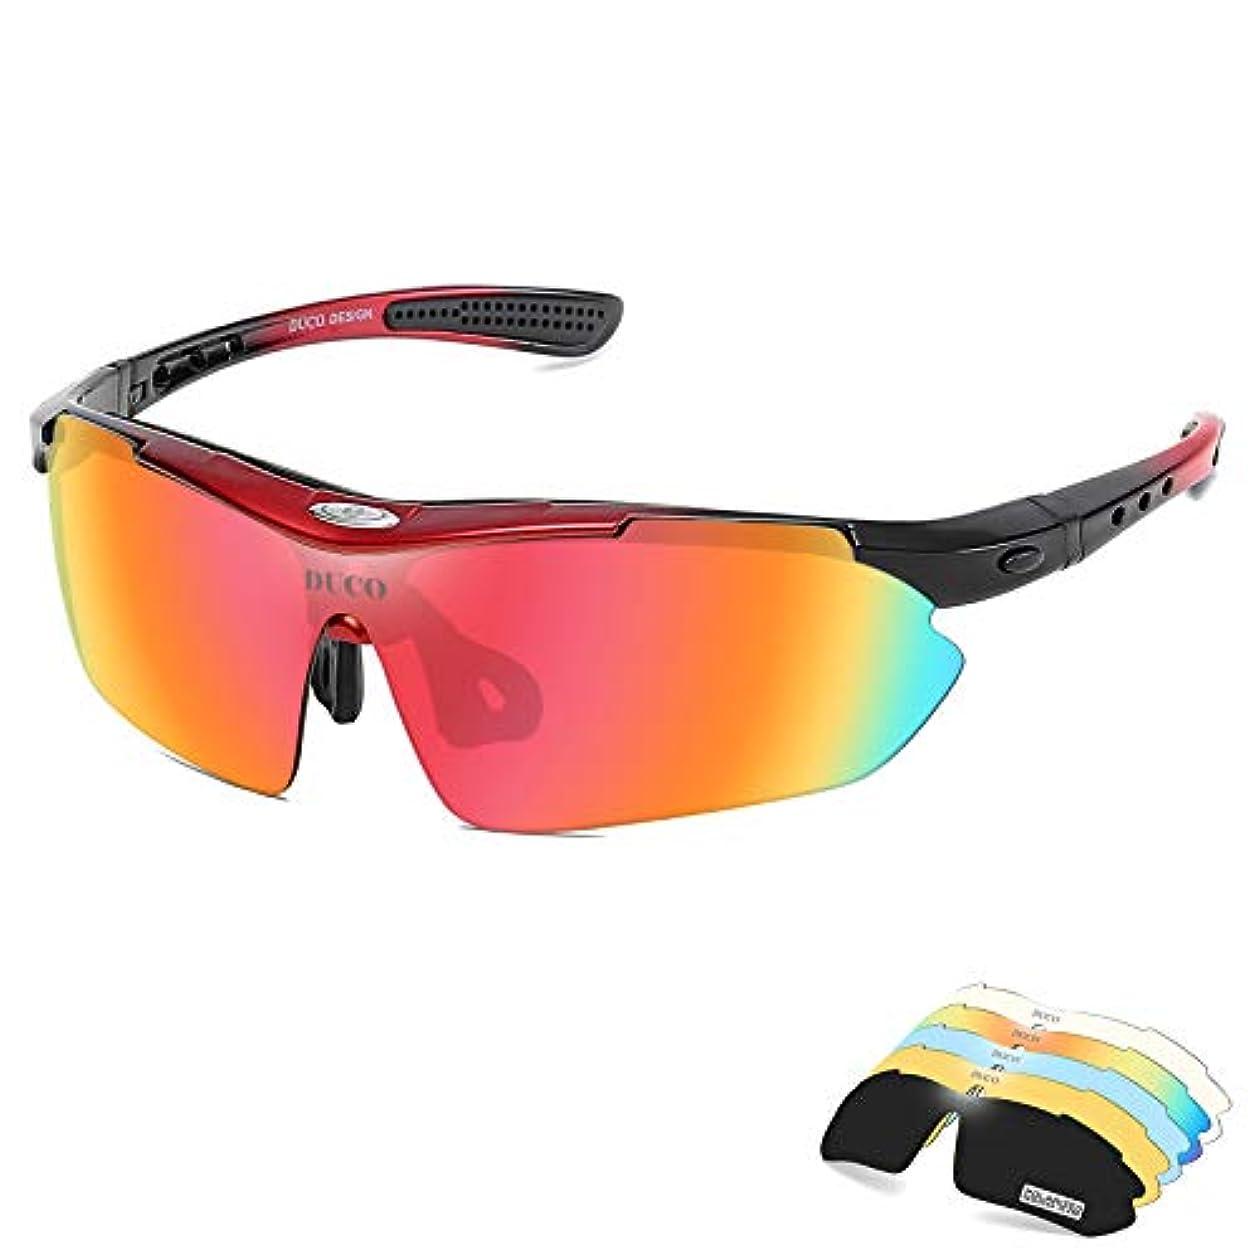 あえてキャンペーン人道的Duco スボーツサングラス 偏光レンズ5枚 ユニセックス 紫外線カット ロードバイク 自転車 UV400保護 SP0868